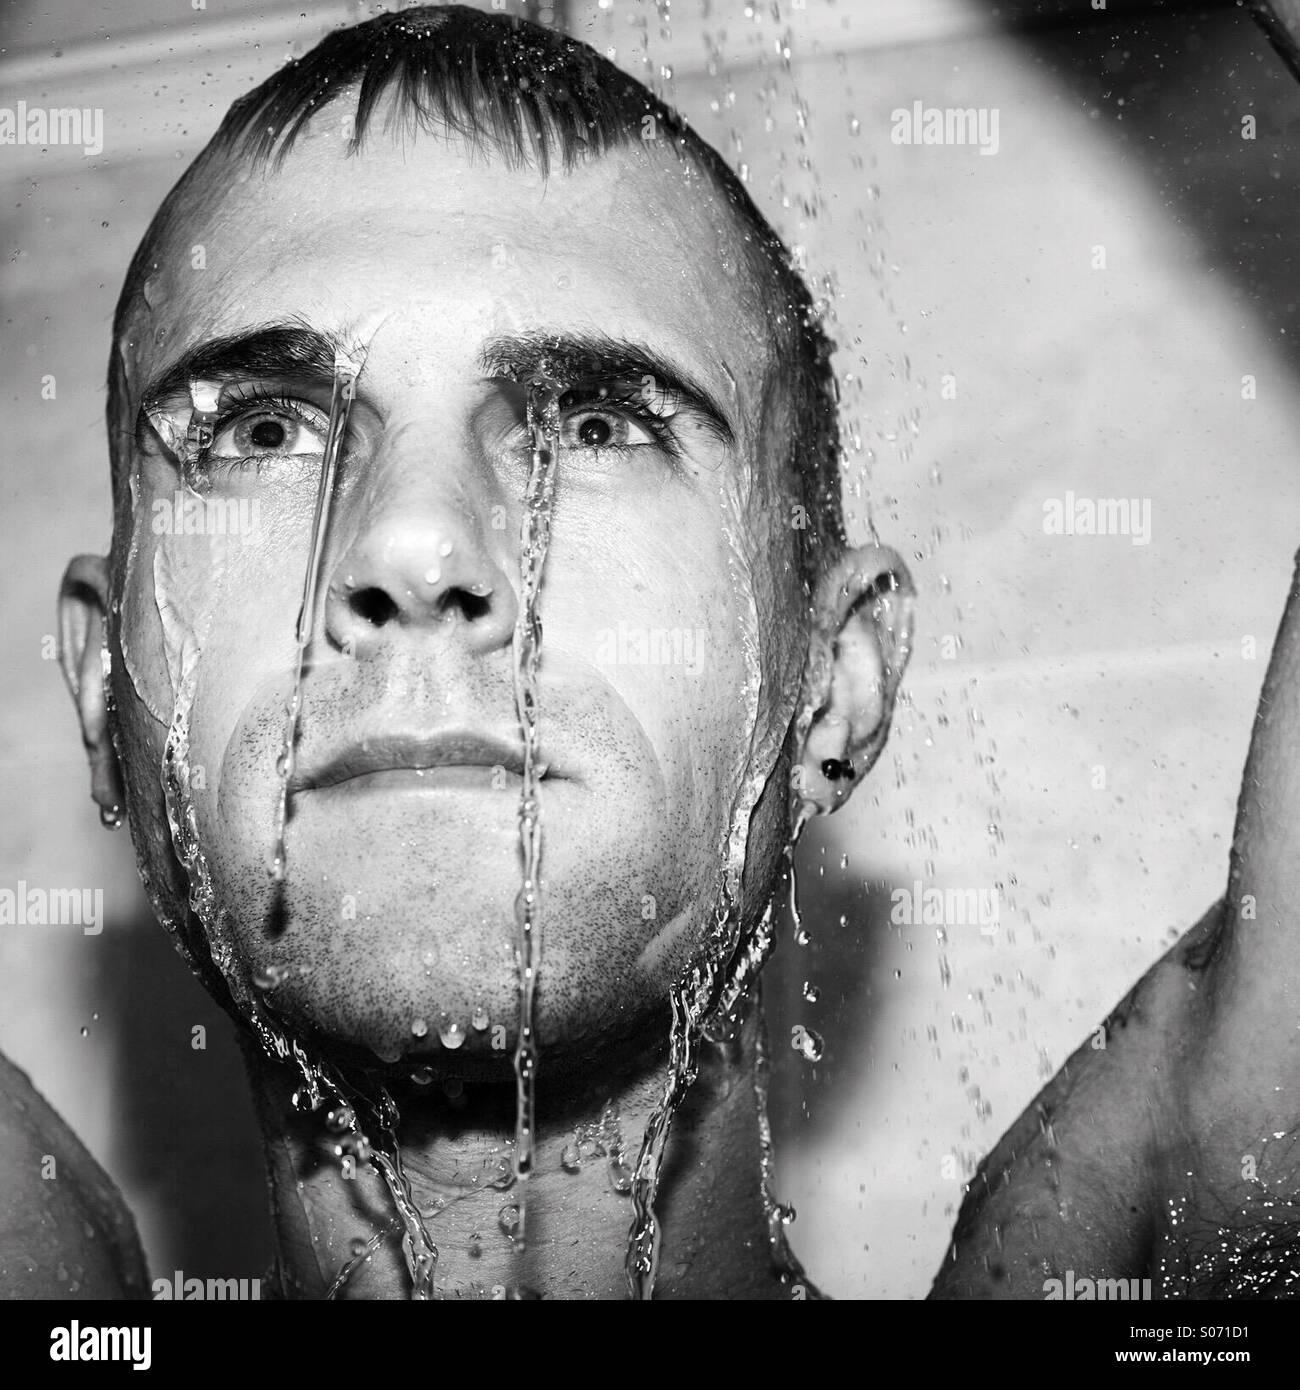 Kerl in der Dusche mit nassen Gesicht Stockbild